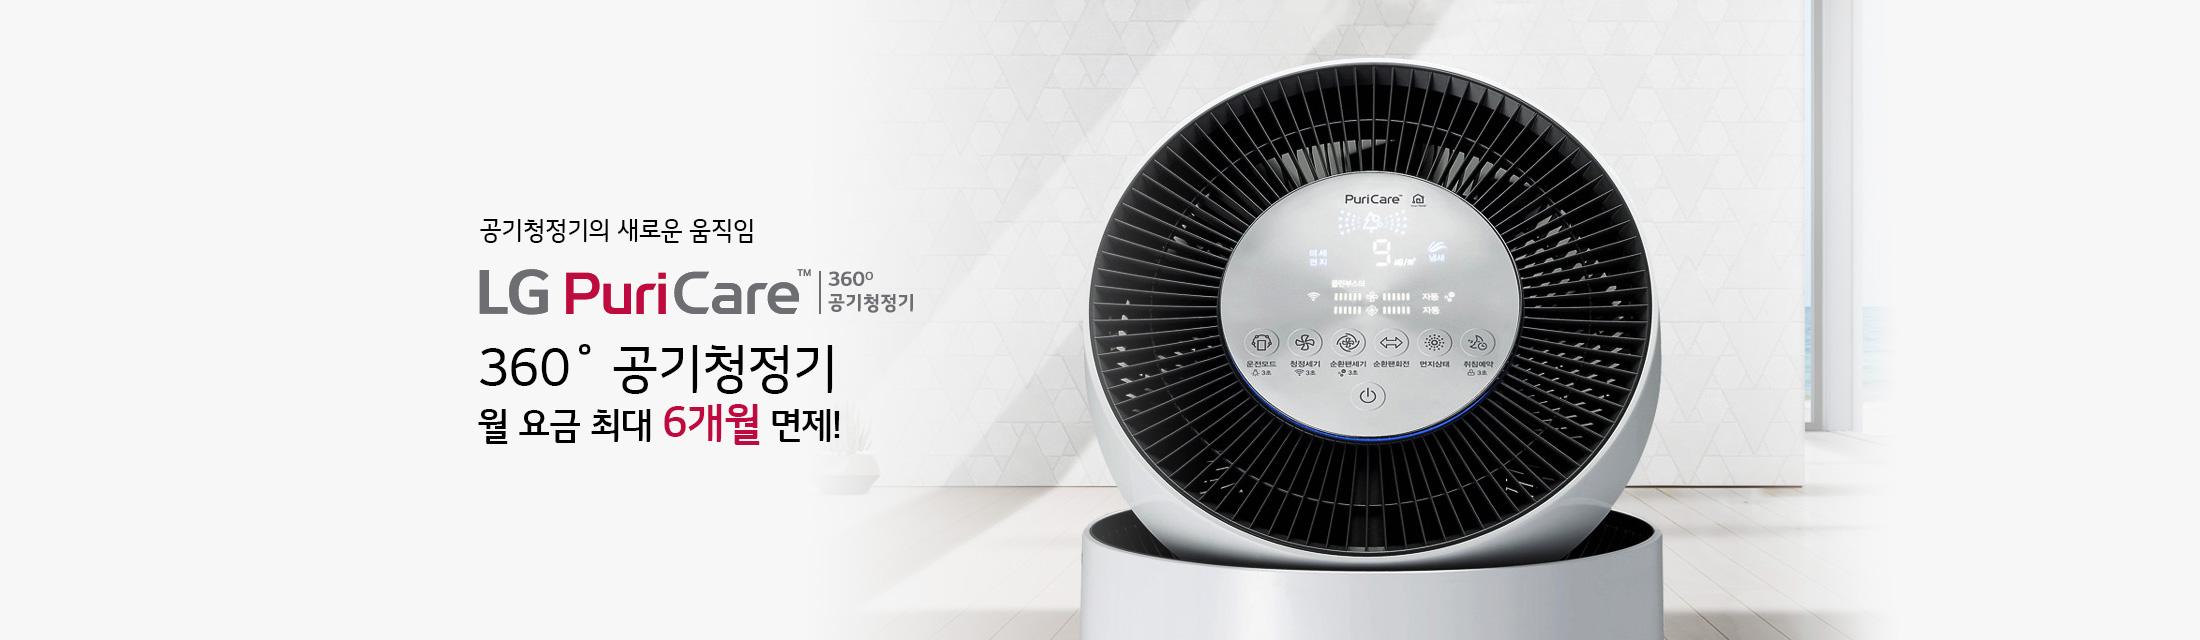 LG 퓨리케어 360도 공기청정기 최대 6개월 무료